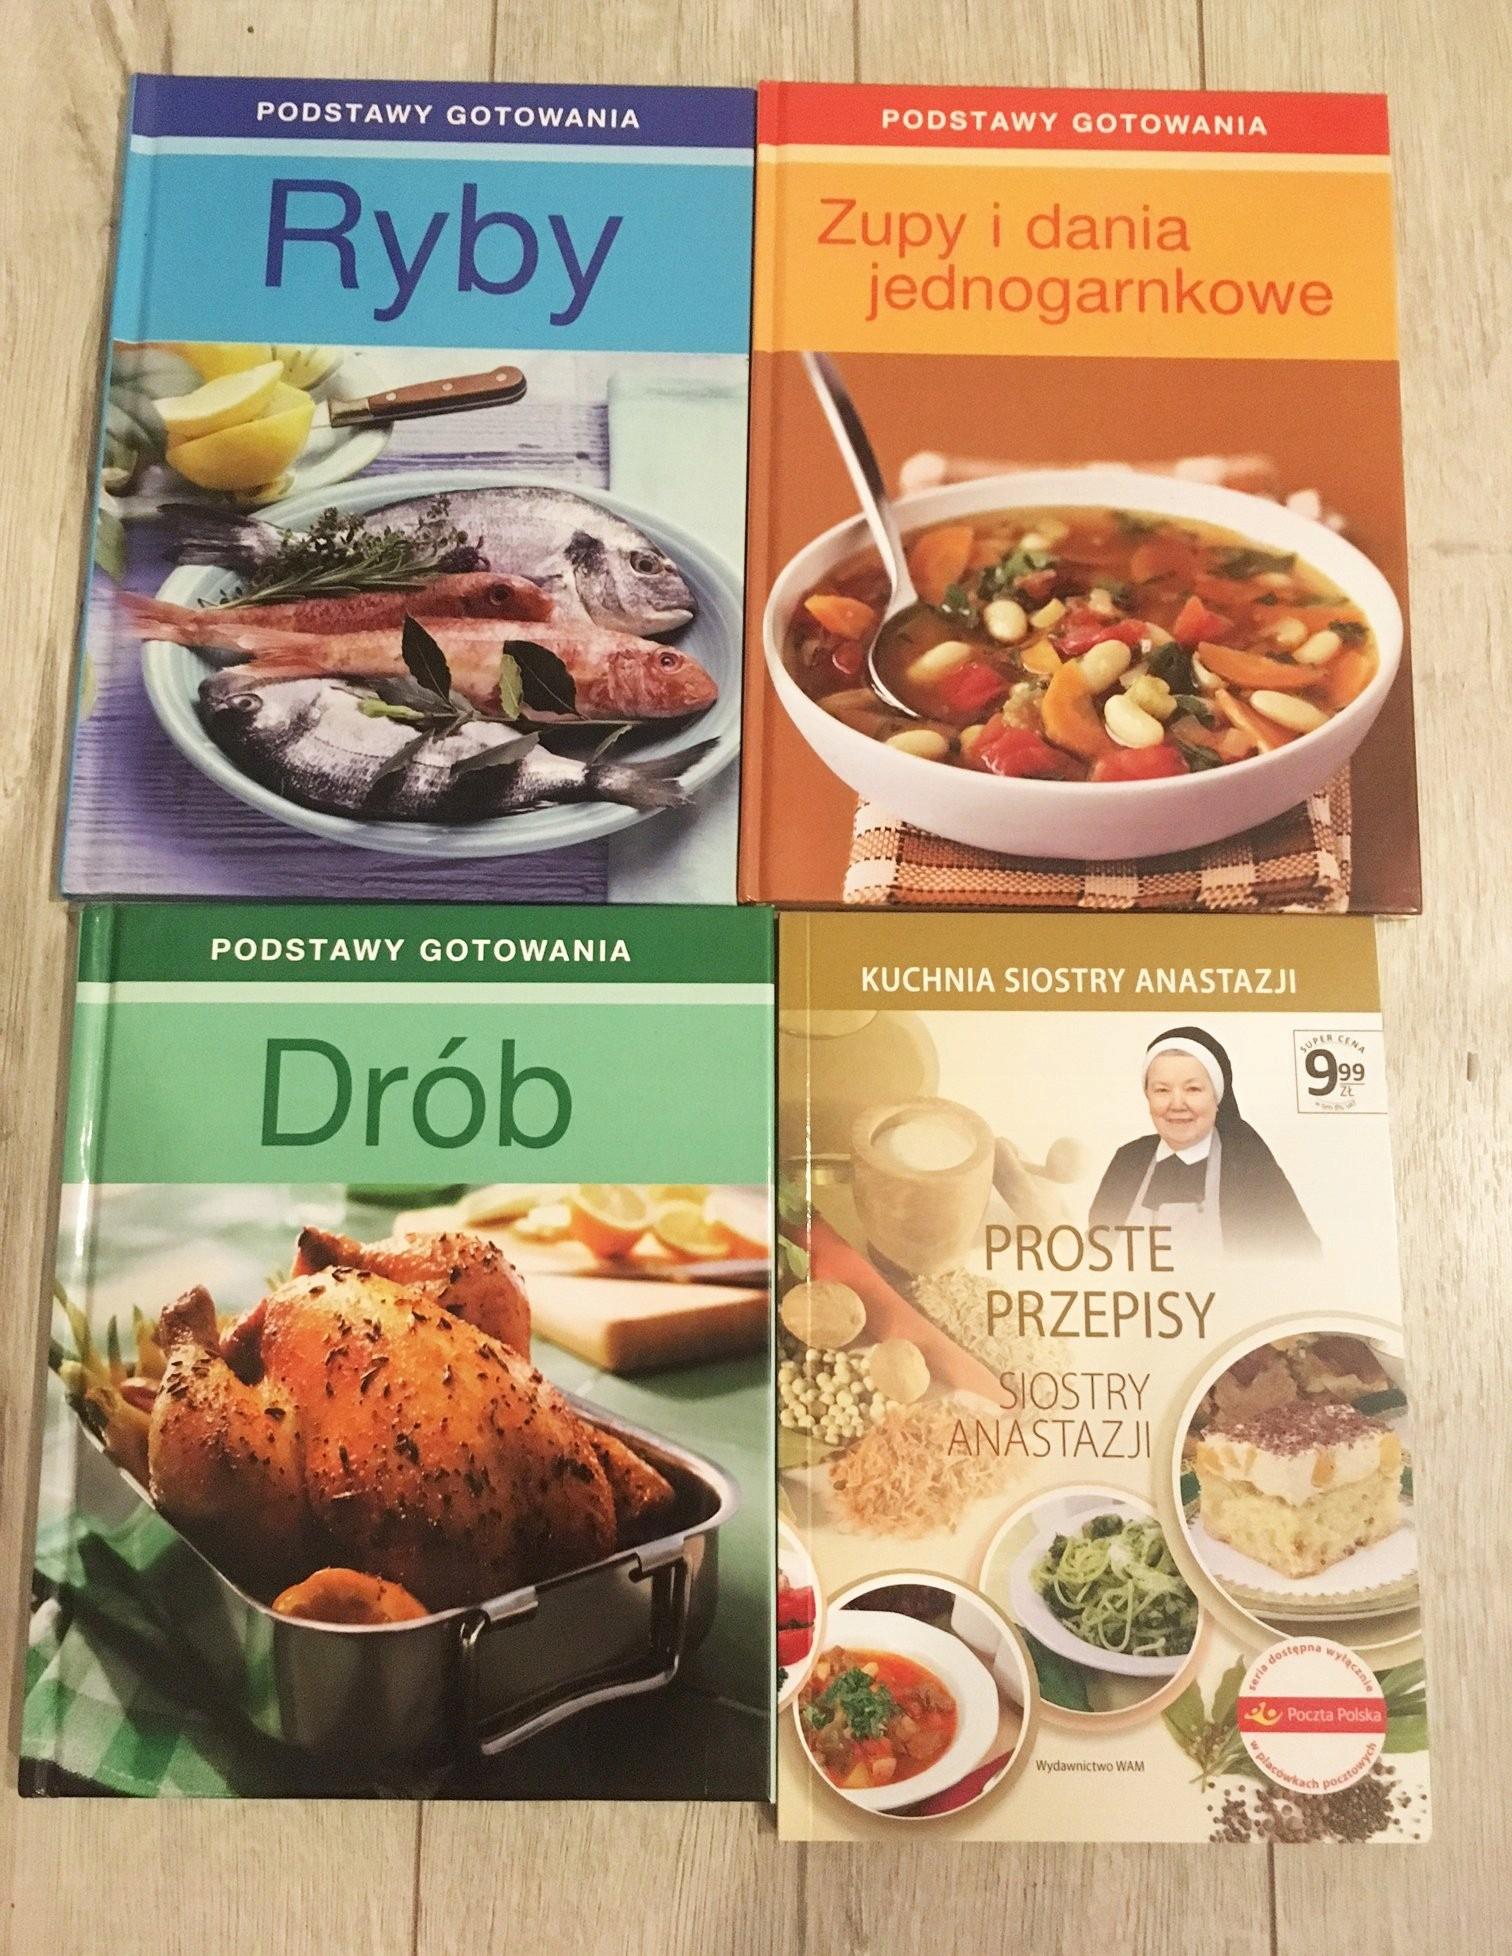 Podstawy Gotowania Ryby Drob Zupy Proste Przepisy 7395379023